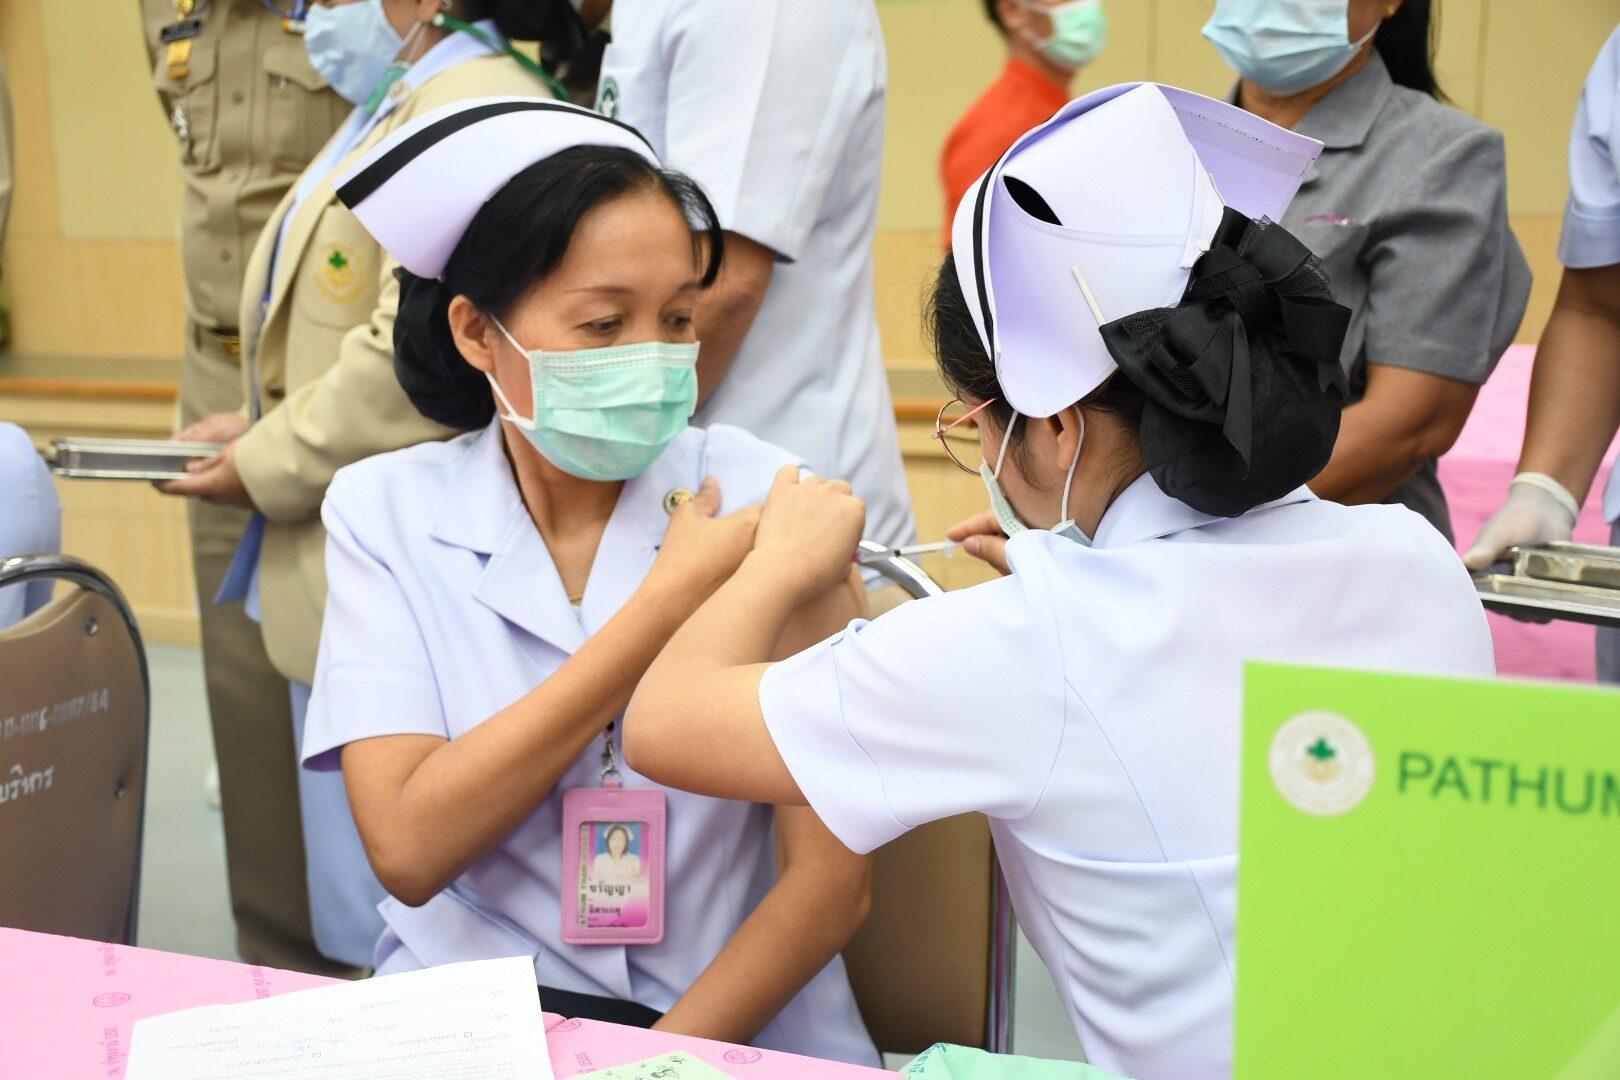 สธ.เล็งสั่งซื้อวัคซีนโควิด-19 เพื่อคนไทยเพิ่ม เร่งสรุปออกหนังสือรับรองกลุ่มฉีดครบ 2 เข็ม